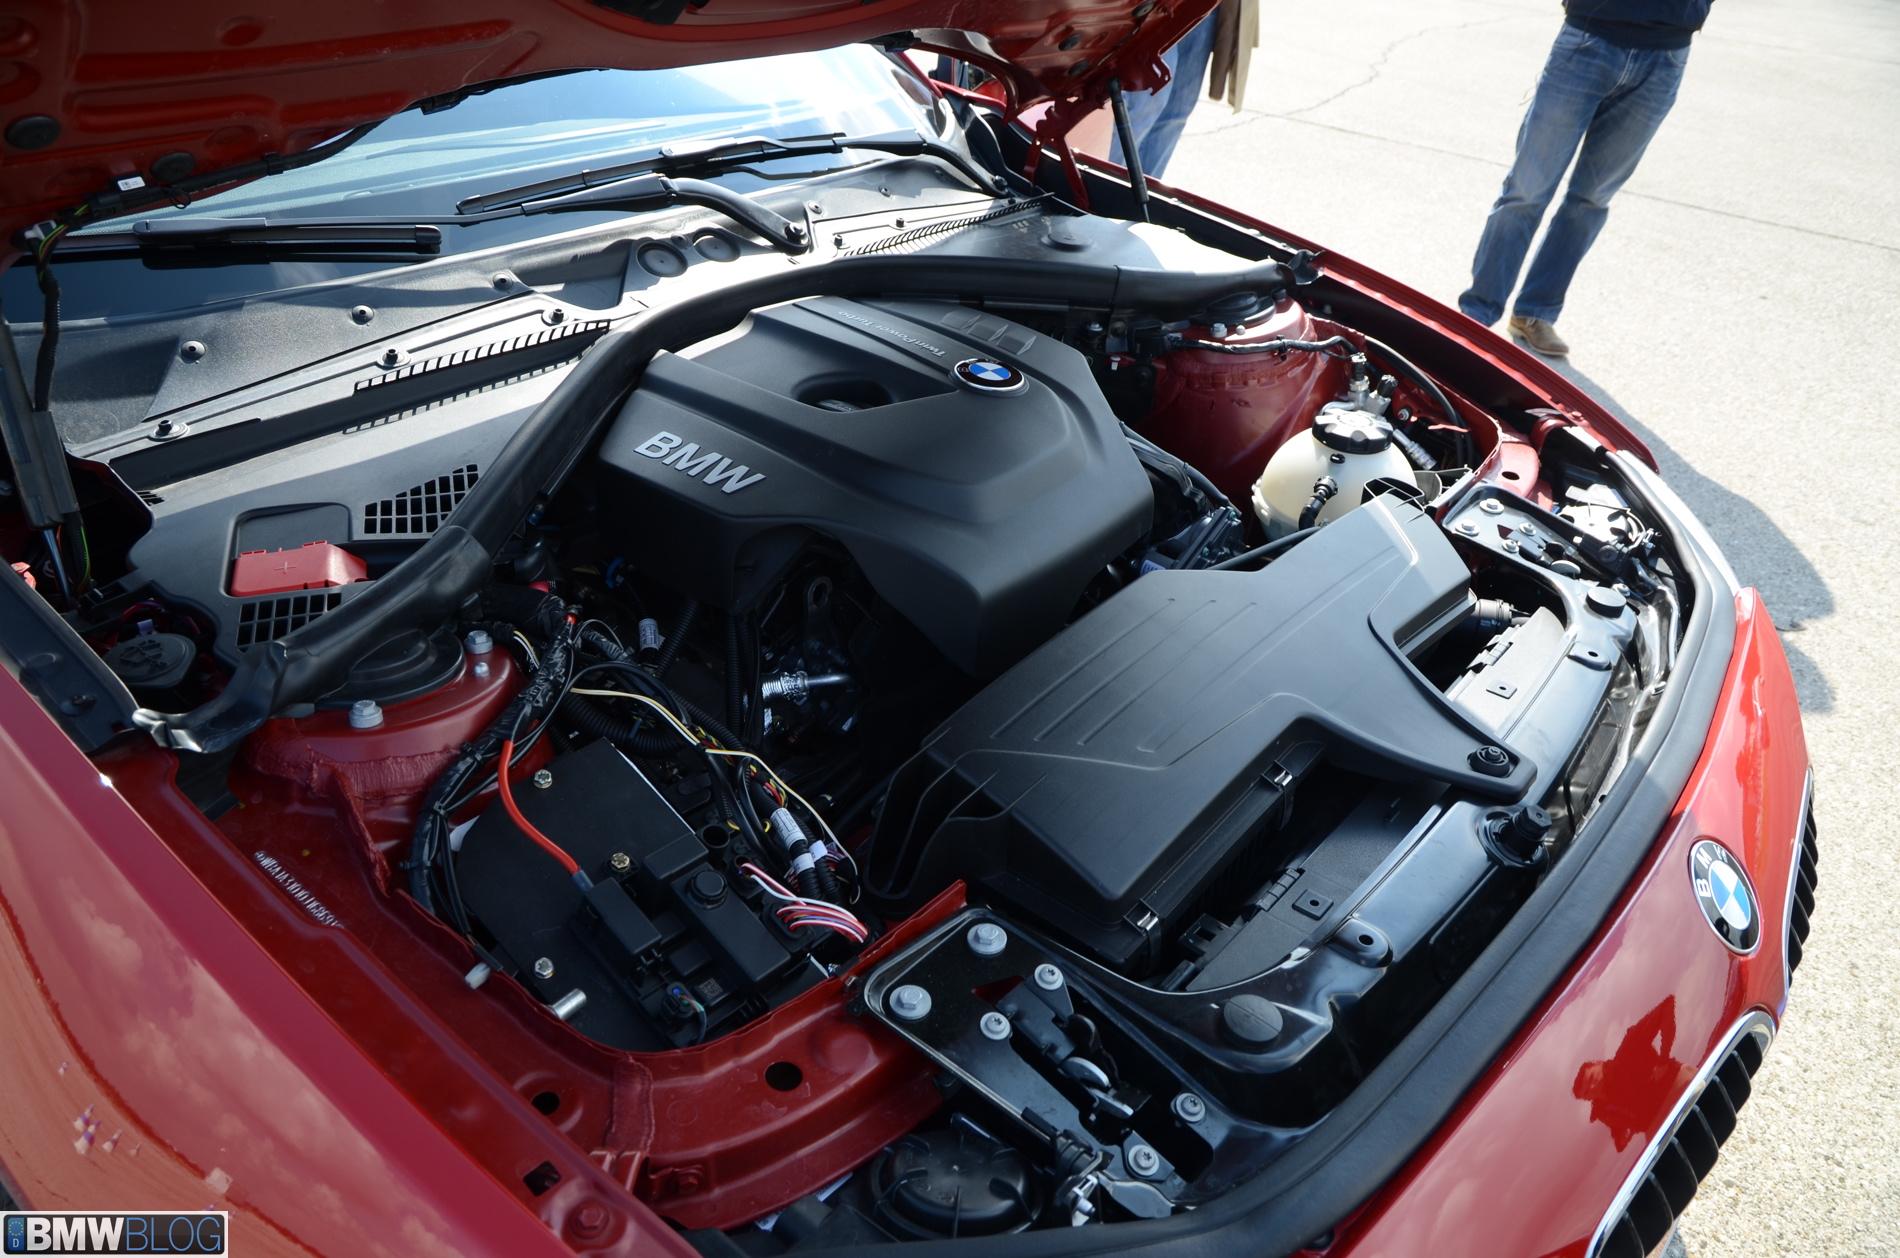 Ansicht des neuen BMW 1,5l 3-Zylinder Motors im Motorraum